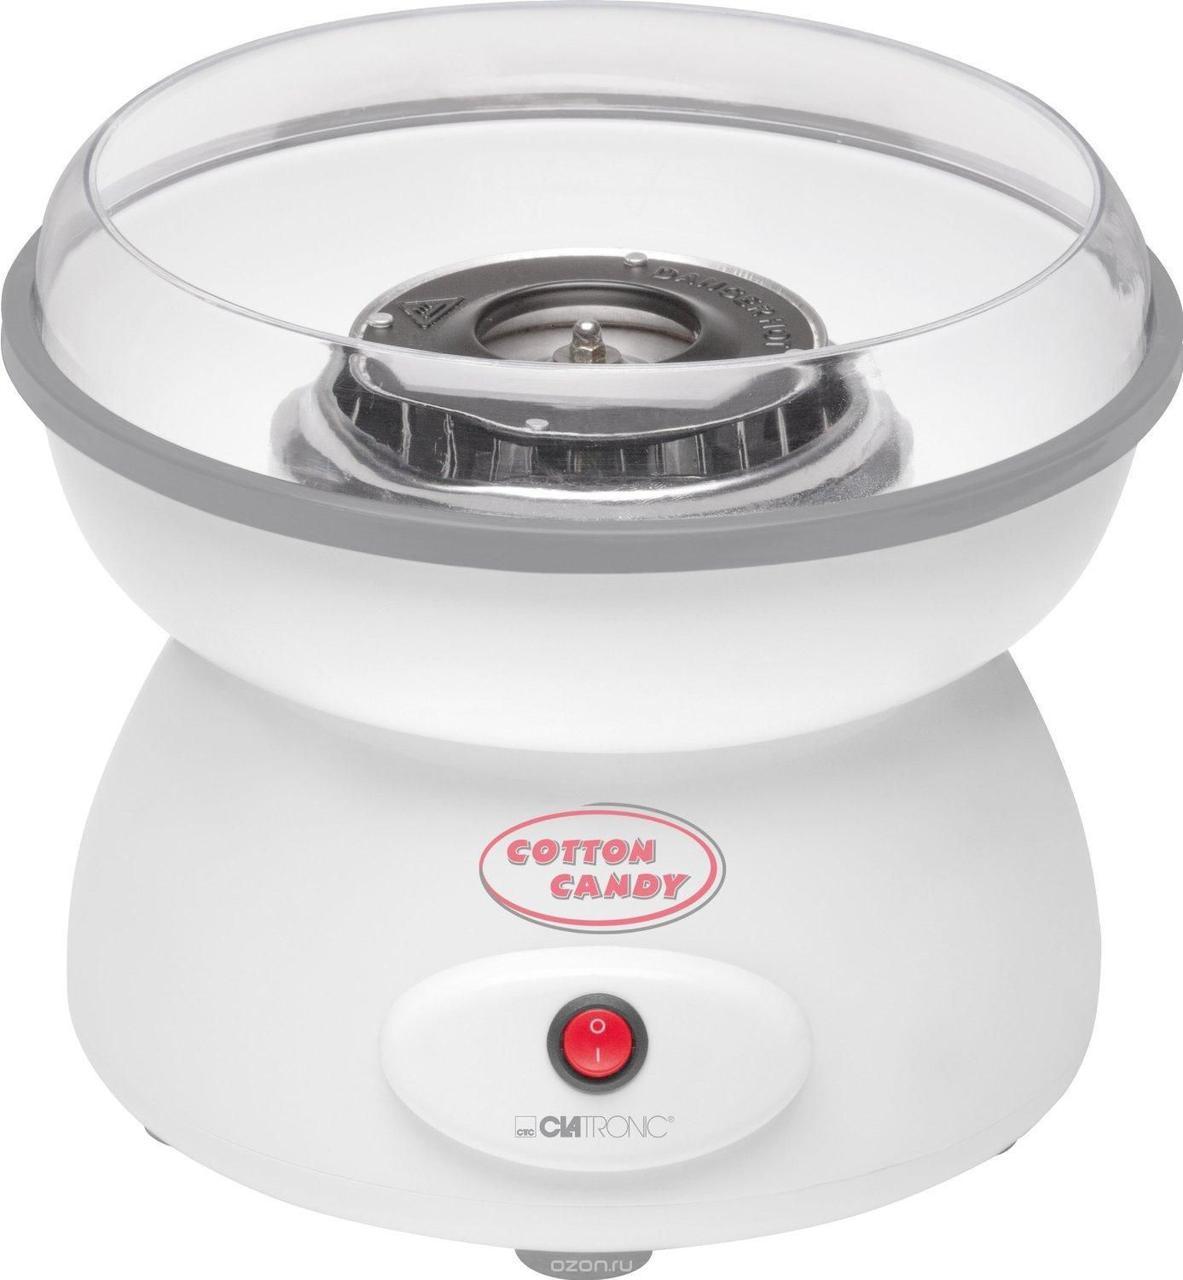 Clatronic ZWM 3478, White прибор для приготовления сахарной ваты